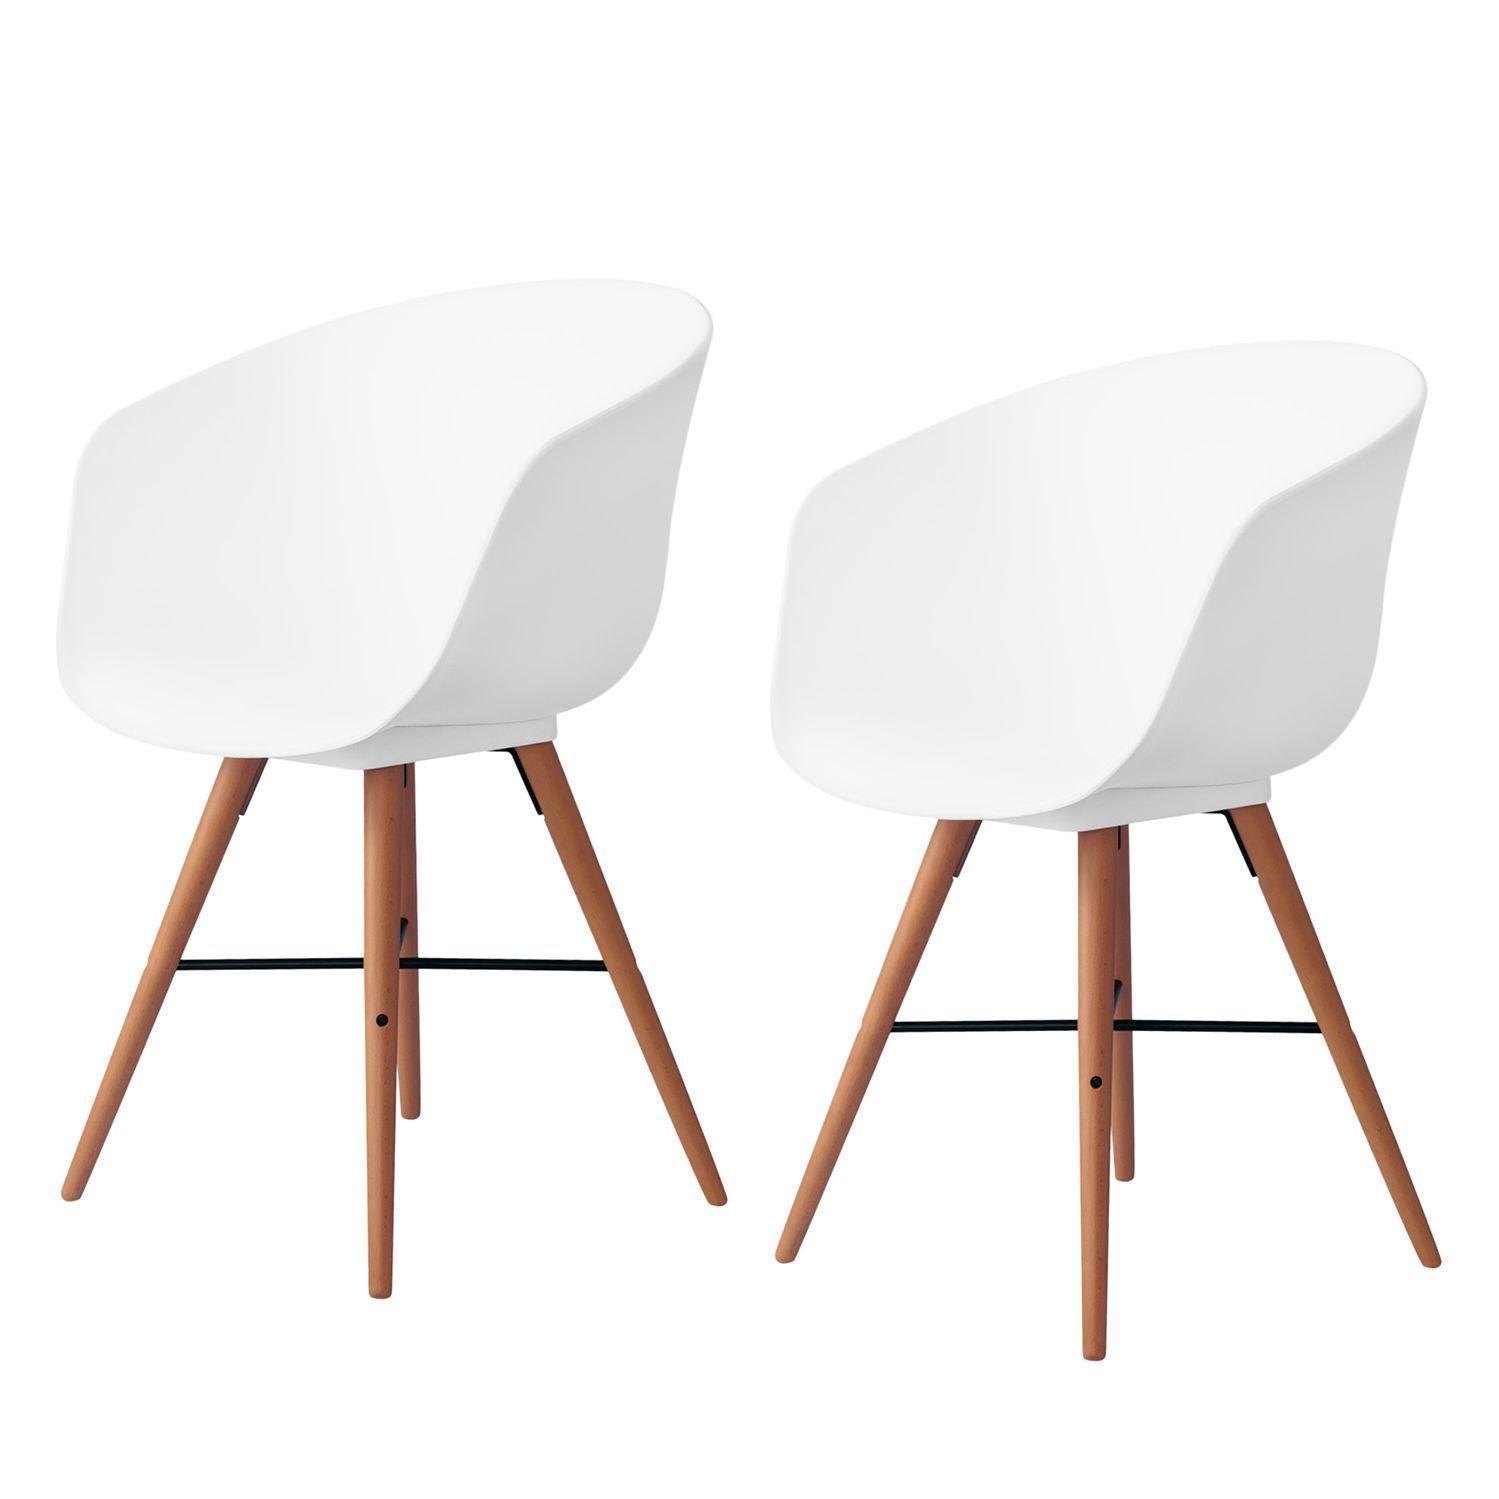 Armlehnenstuhl Raimond I 2er Set Buche Teilmassiv Weiss Walnuss Studio Copenhagen Jetzt Bestellen Unter Https Moebel Ladendirekt Stuhle Stuhl Design